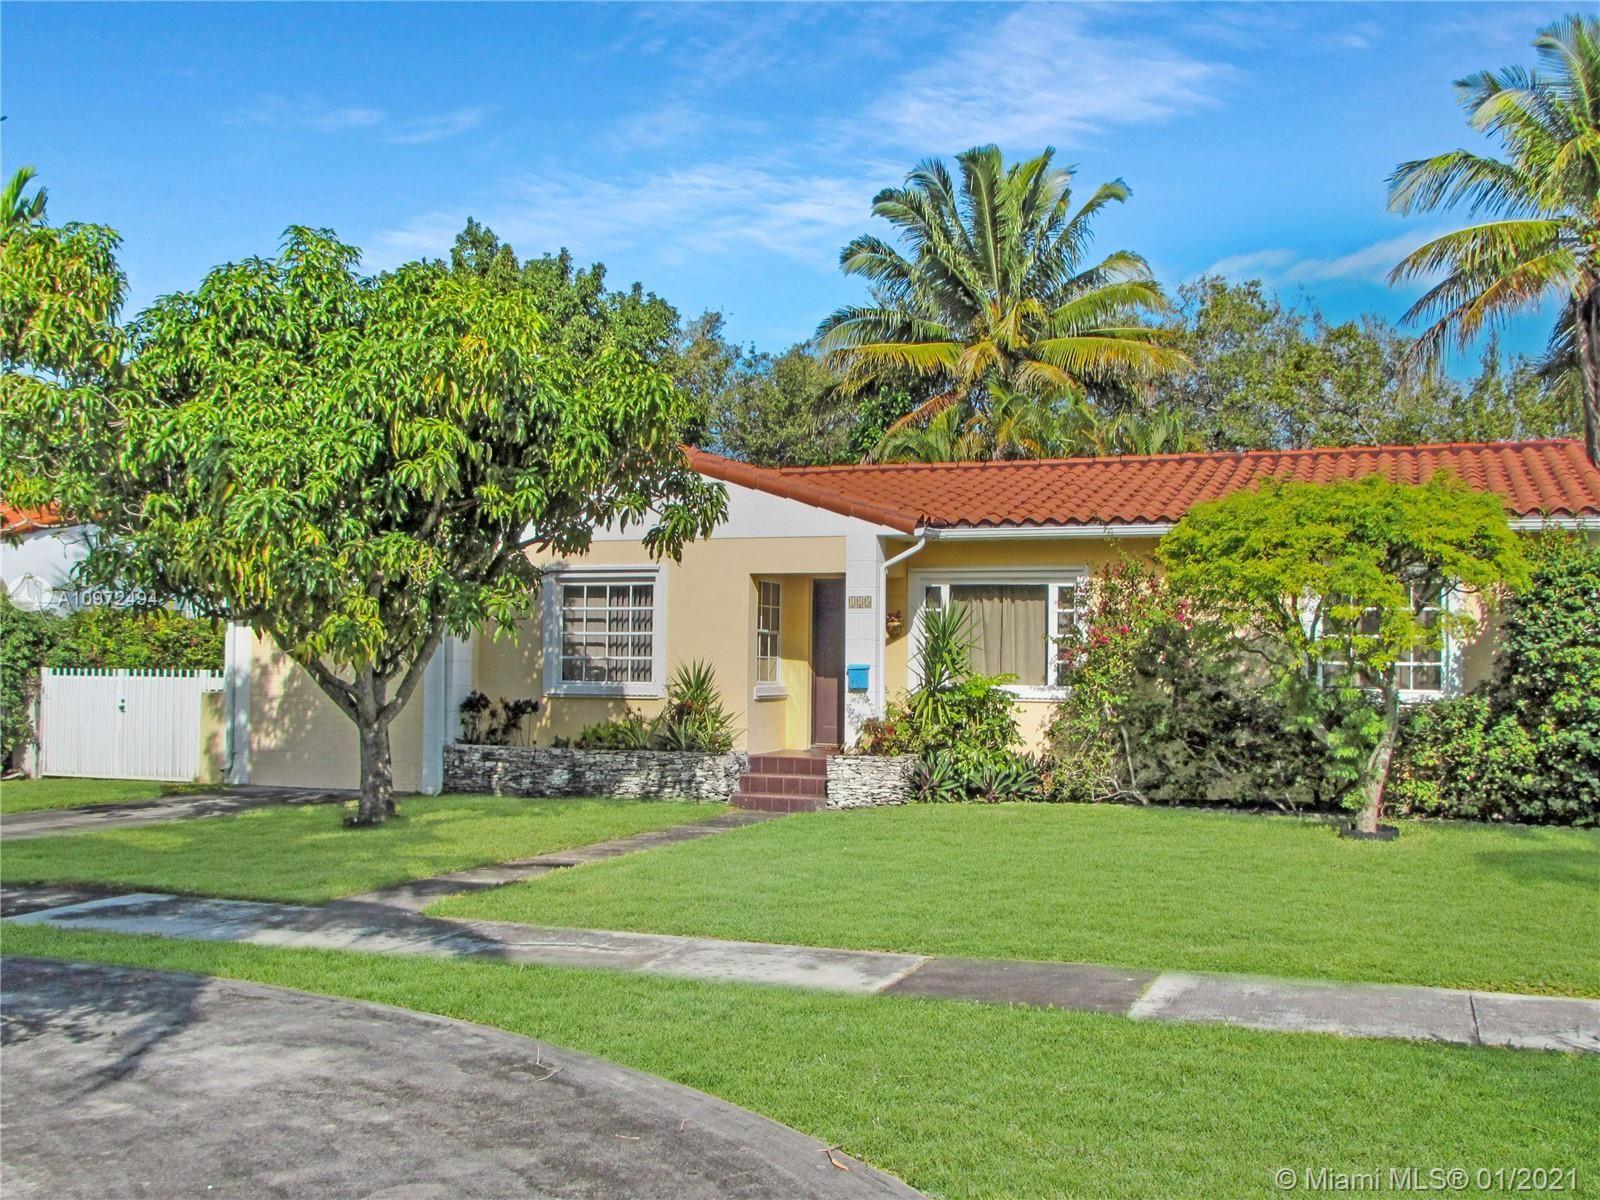 125 NE 104th St, Miami Shores, FL 33138 - #: A10972494